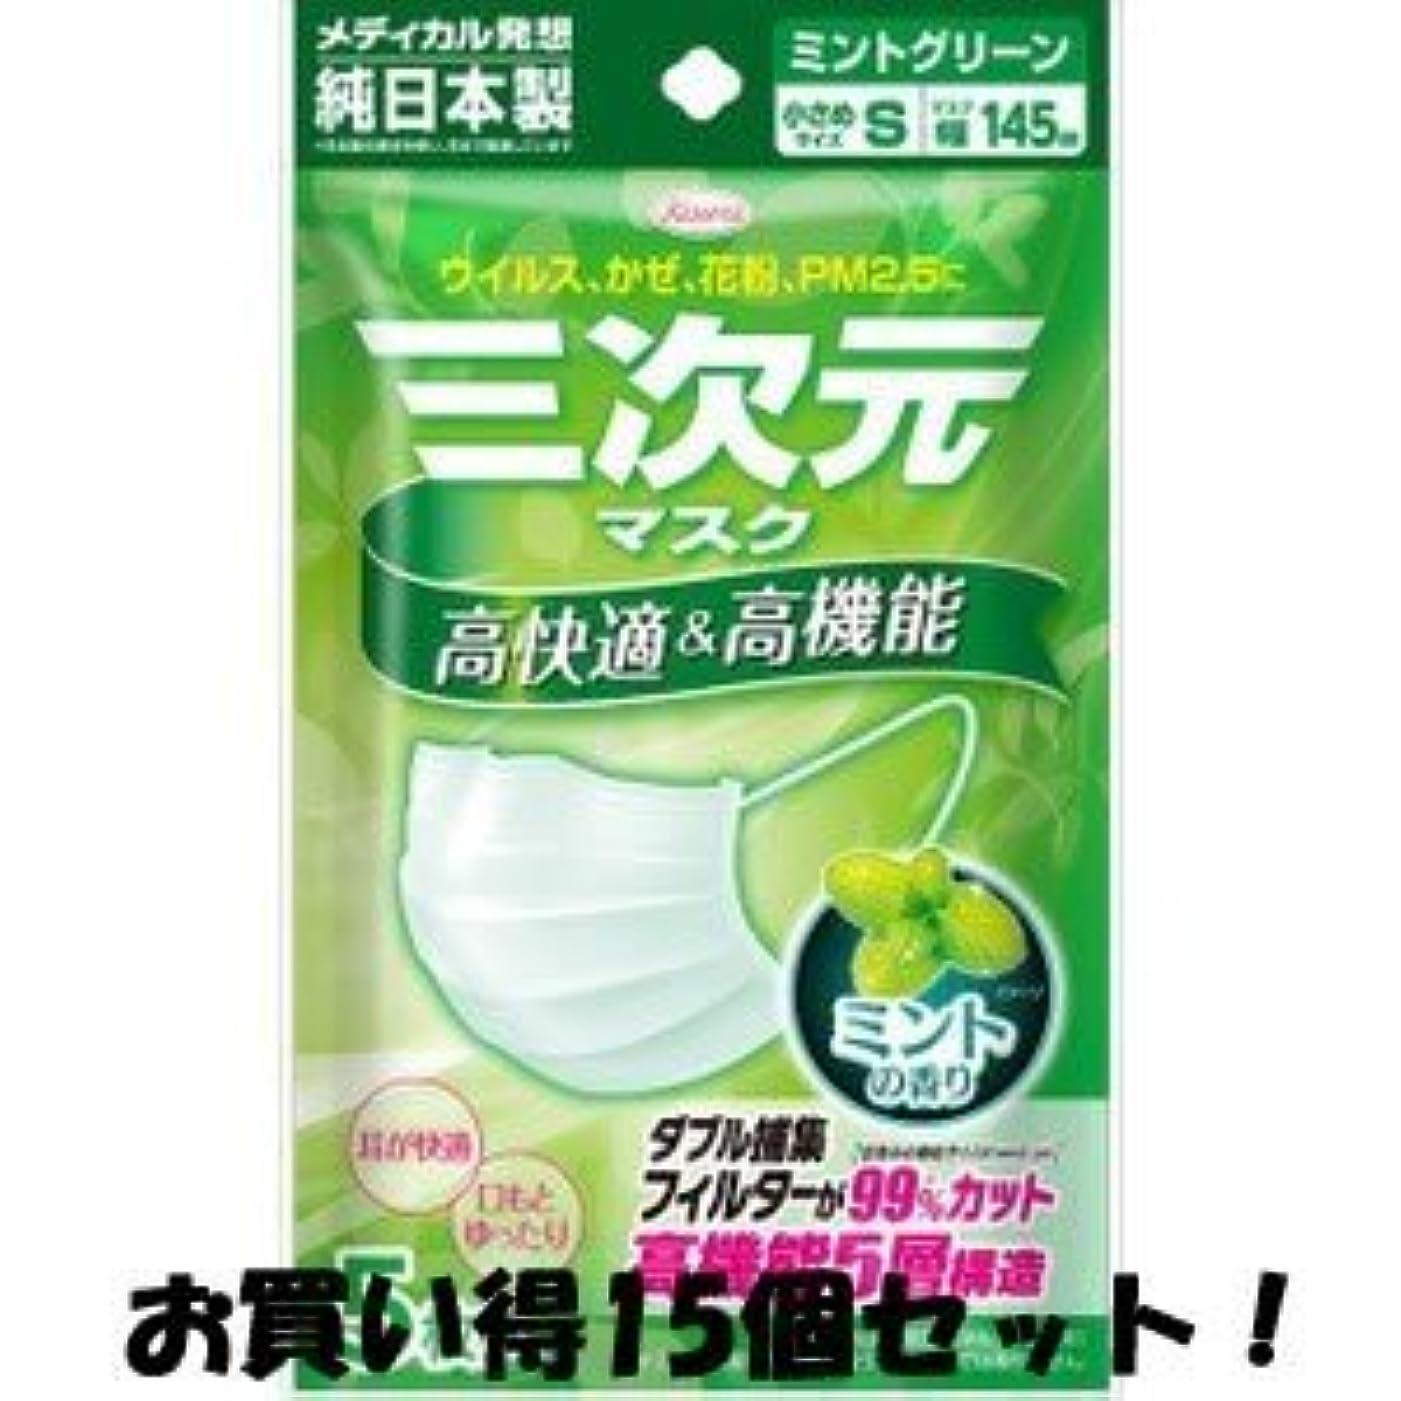 コンクリート株式レトルト(興和新薬)三次元マスク ミントの香り グリーン 小さめSサイズ 5枚入(お買い得15個セット)